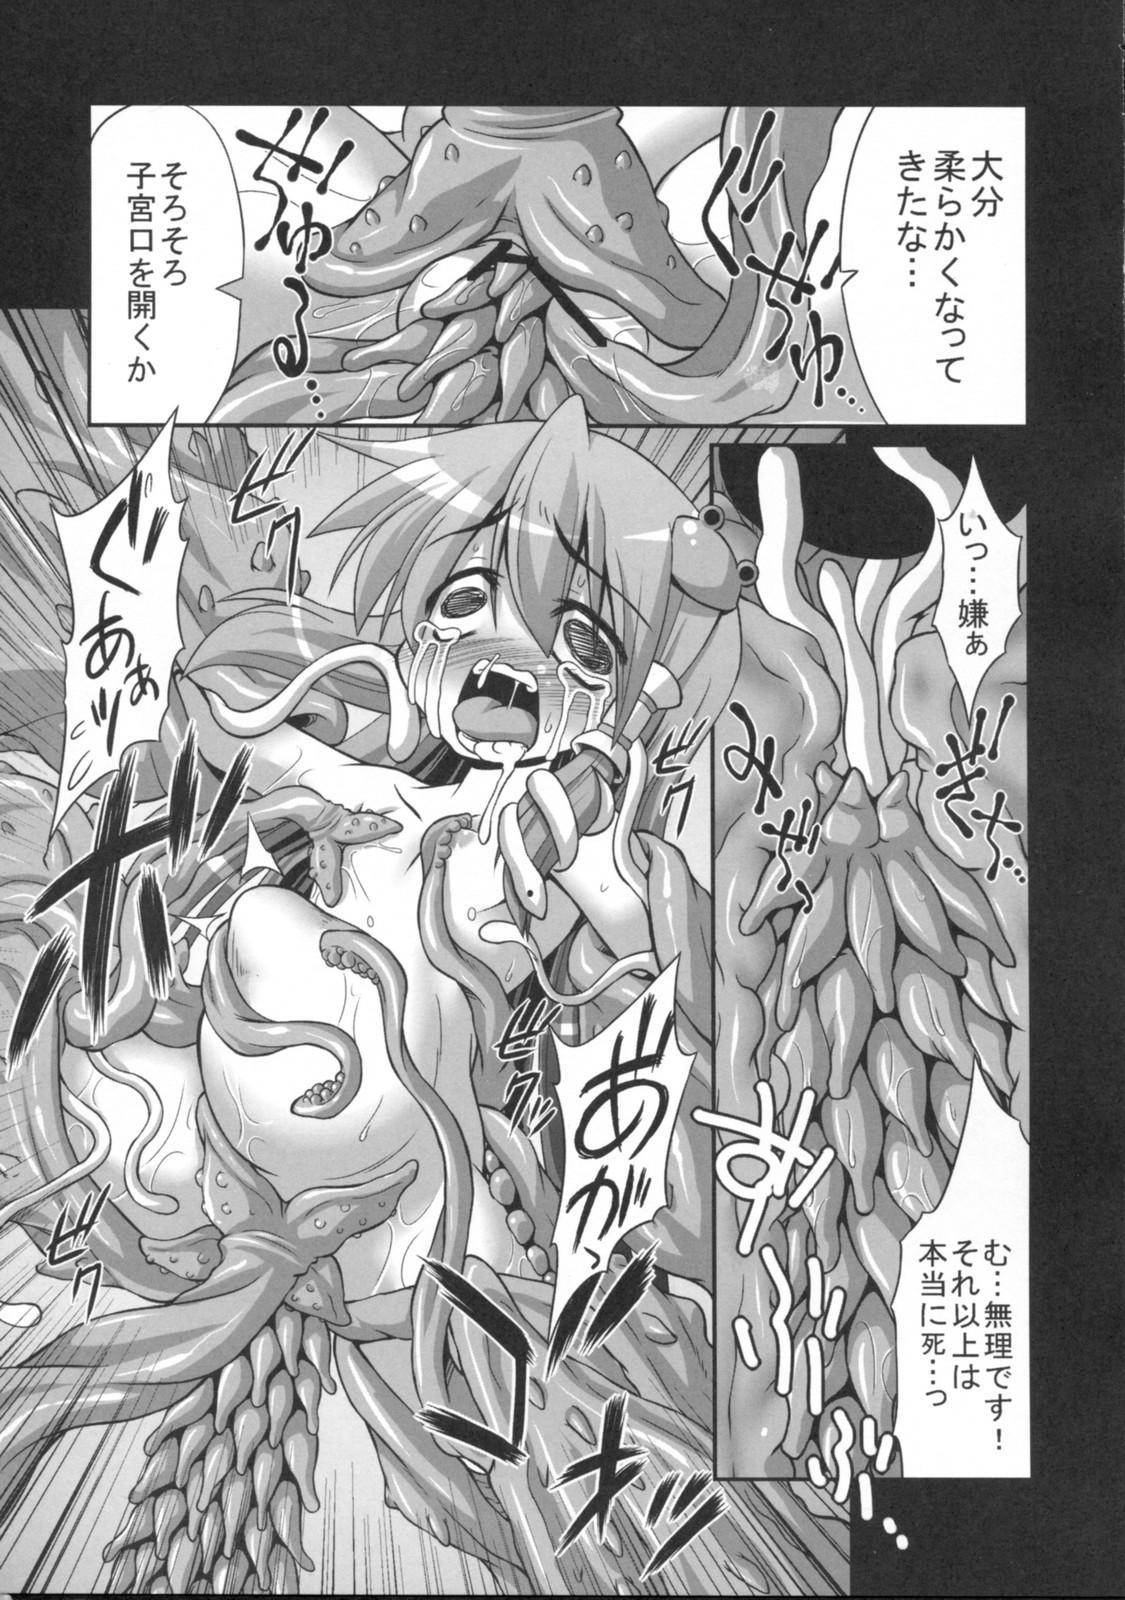 Youkai ni Haramasareta Sanae-san wo Hitasura Shokushu de Naburi Mawasu Moriya Jinja 15